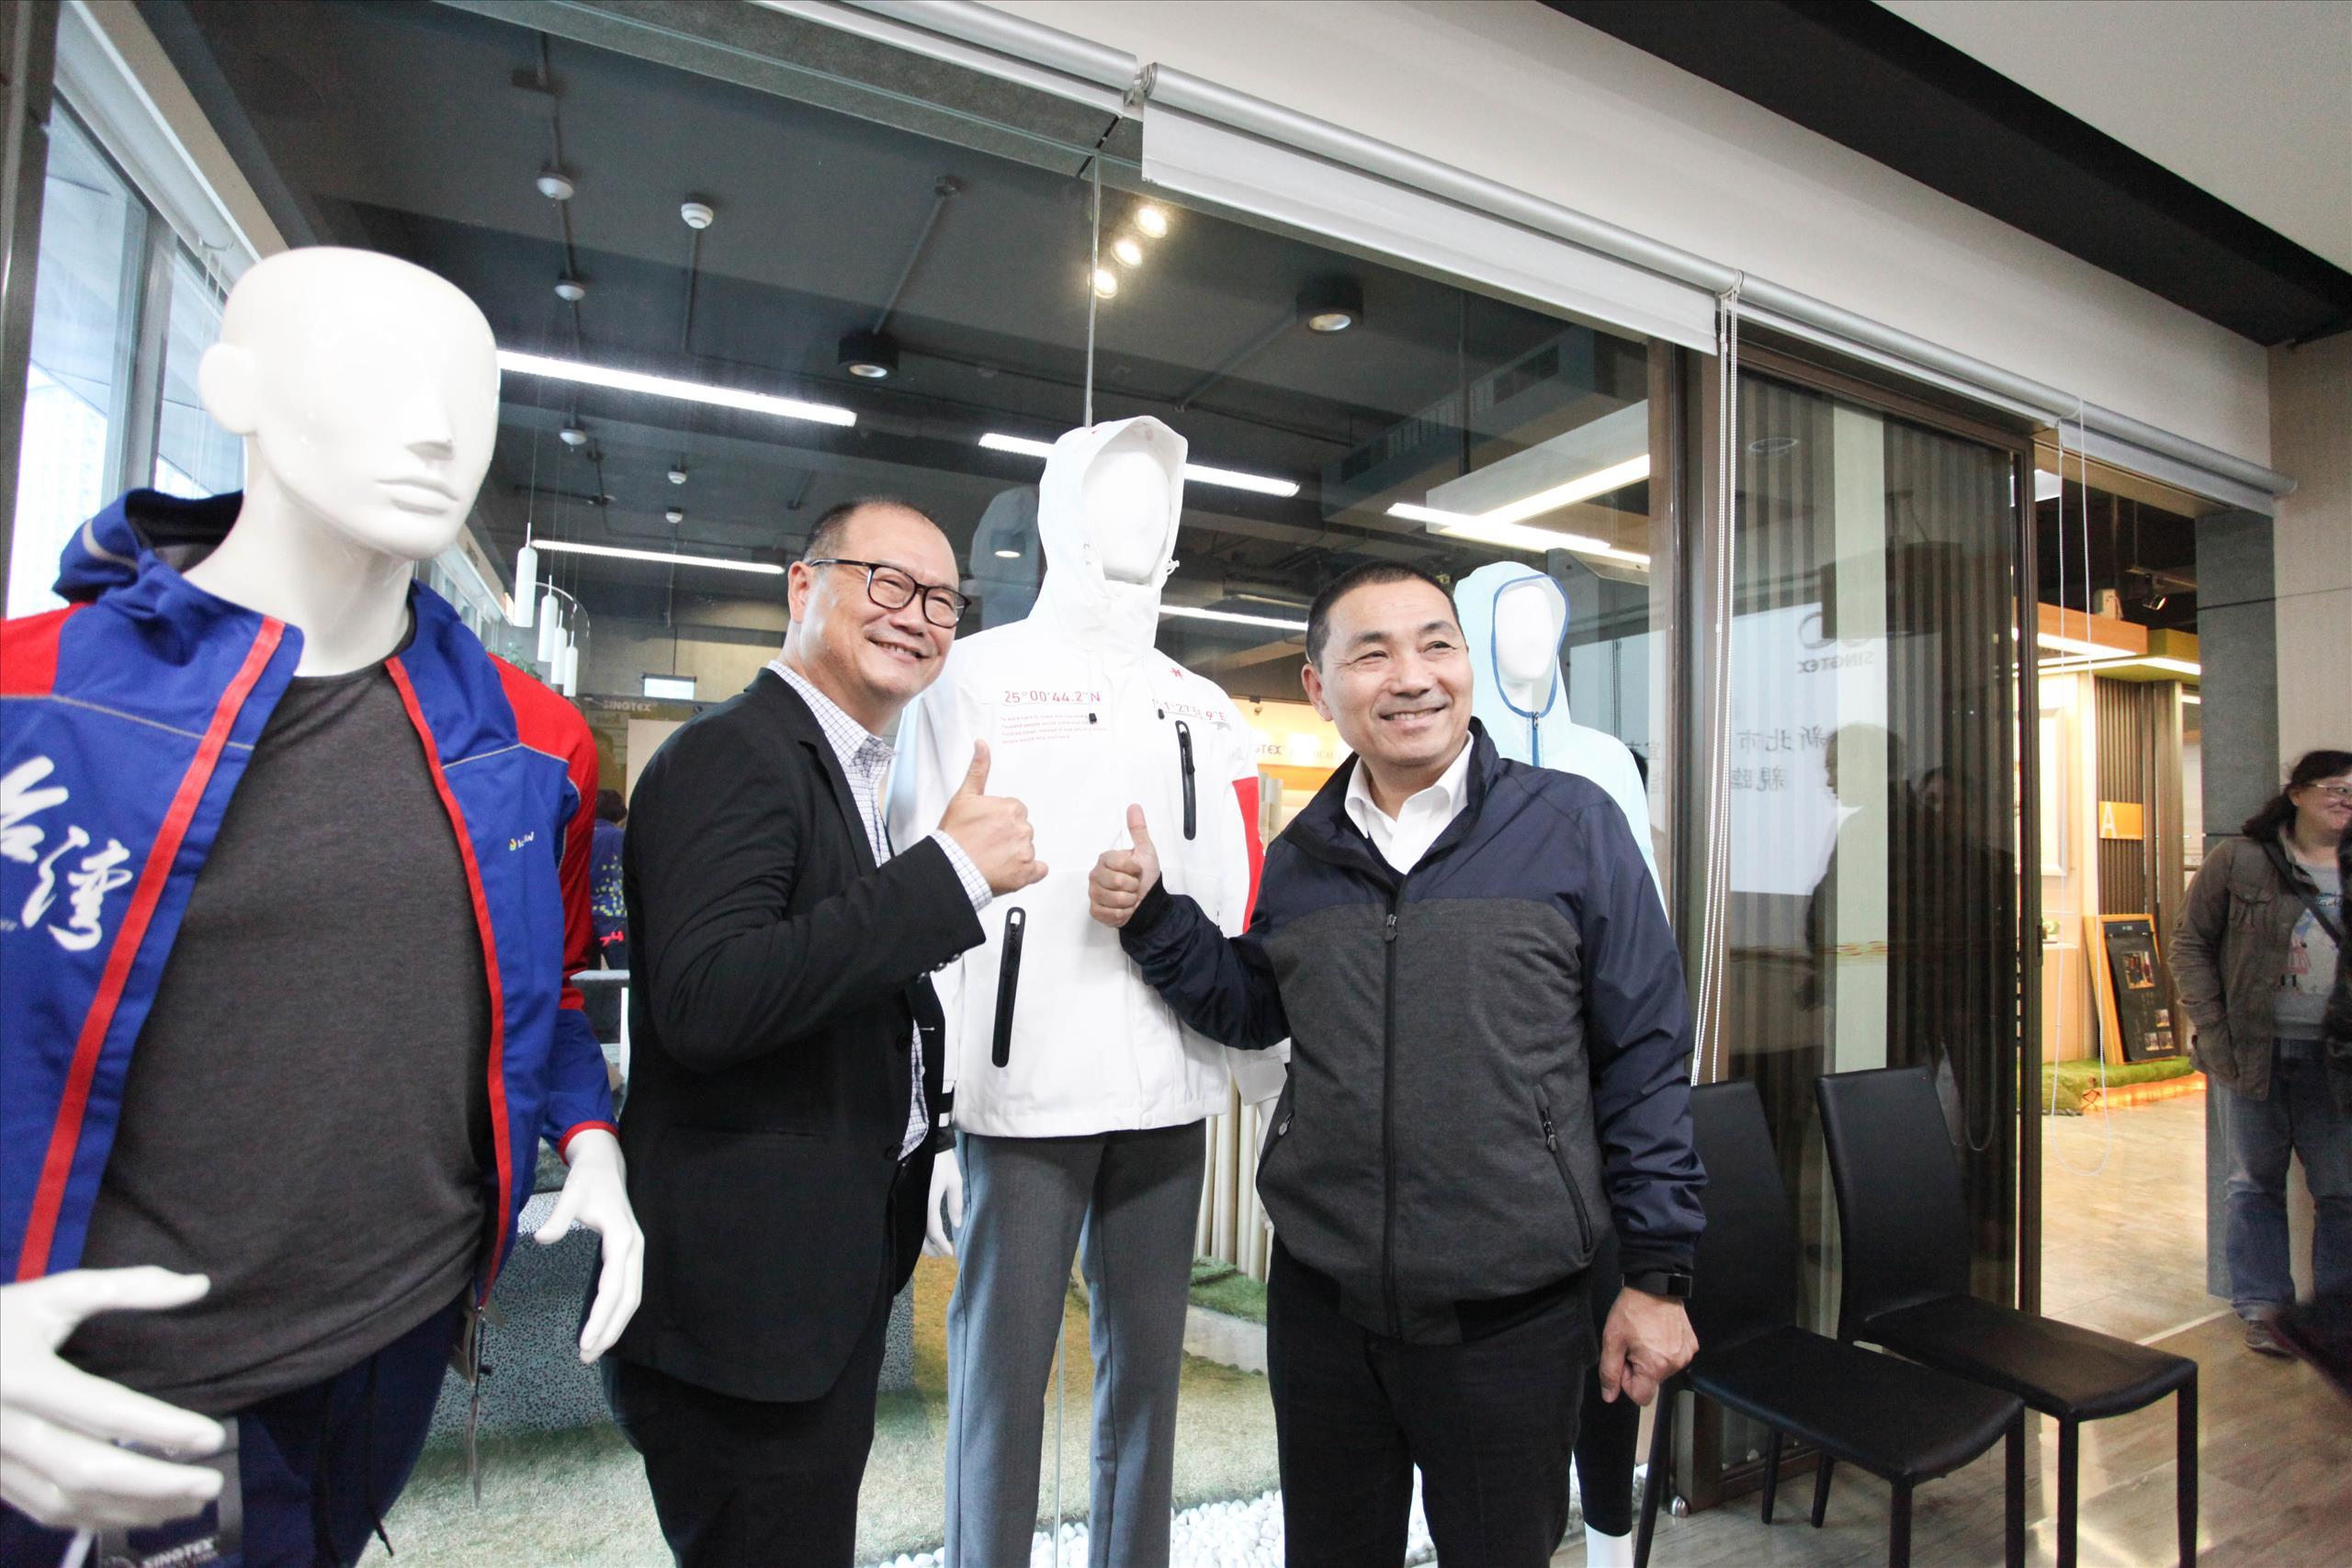 侯友宜重招商  視察新北宏匯廣場工程進度  感佩興采實業創新精神